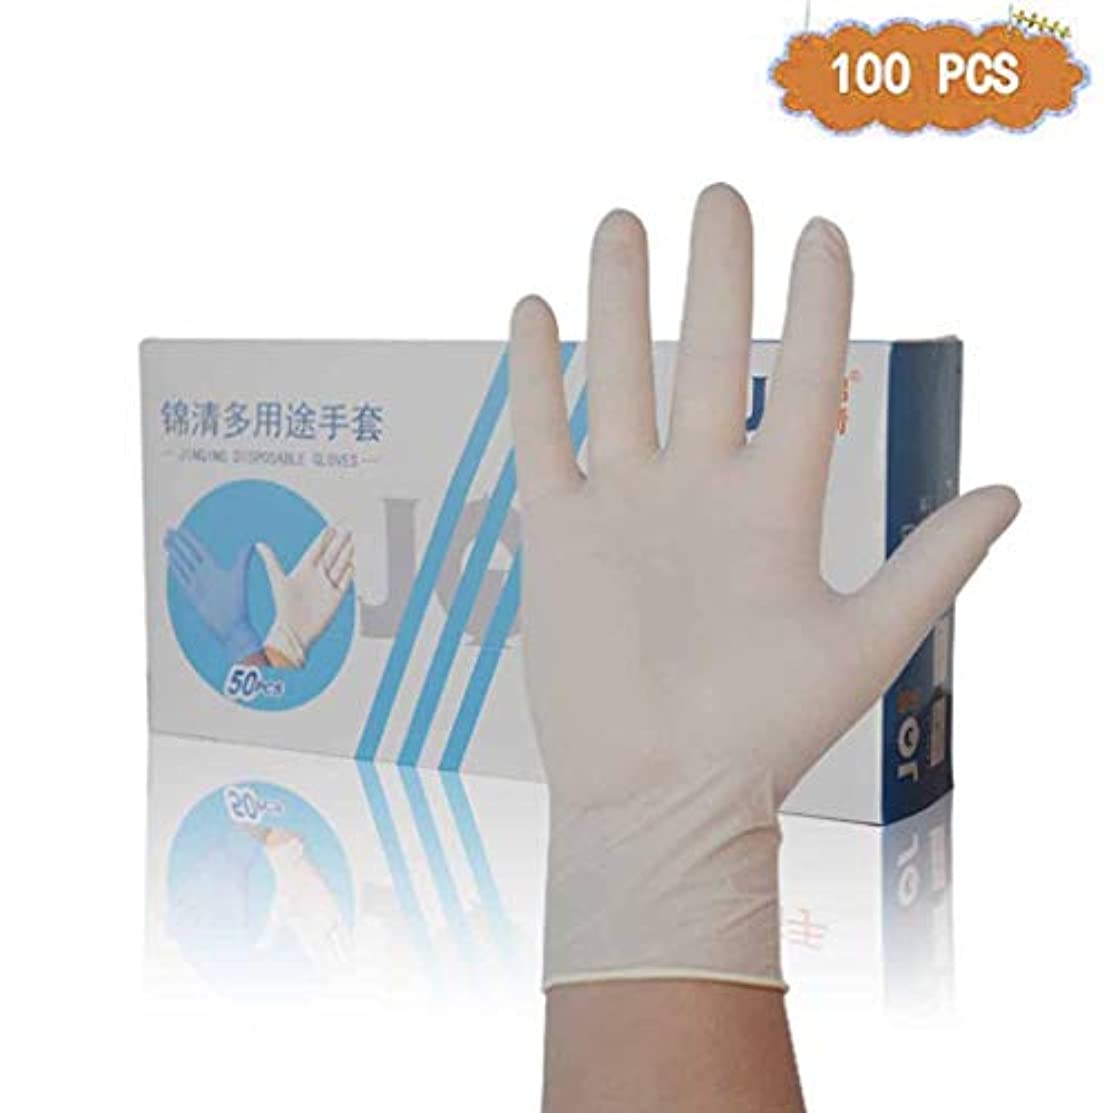 兵器庫るセーブ白いラテックス使い捨て手袋食品ケータリングニトリルゴムクリーニング帯電防止テストゴム義務試験手袋|病院向けのプロフェッショナルグレード (Size : S)